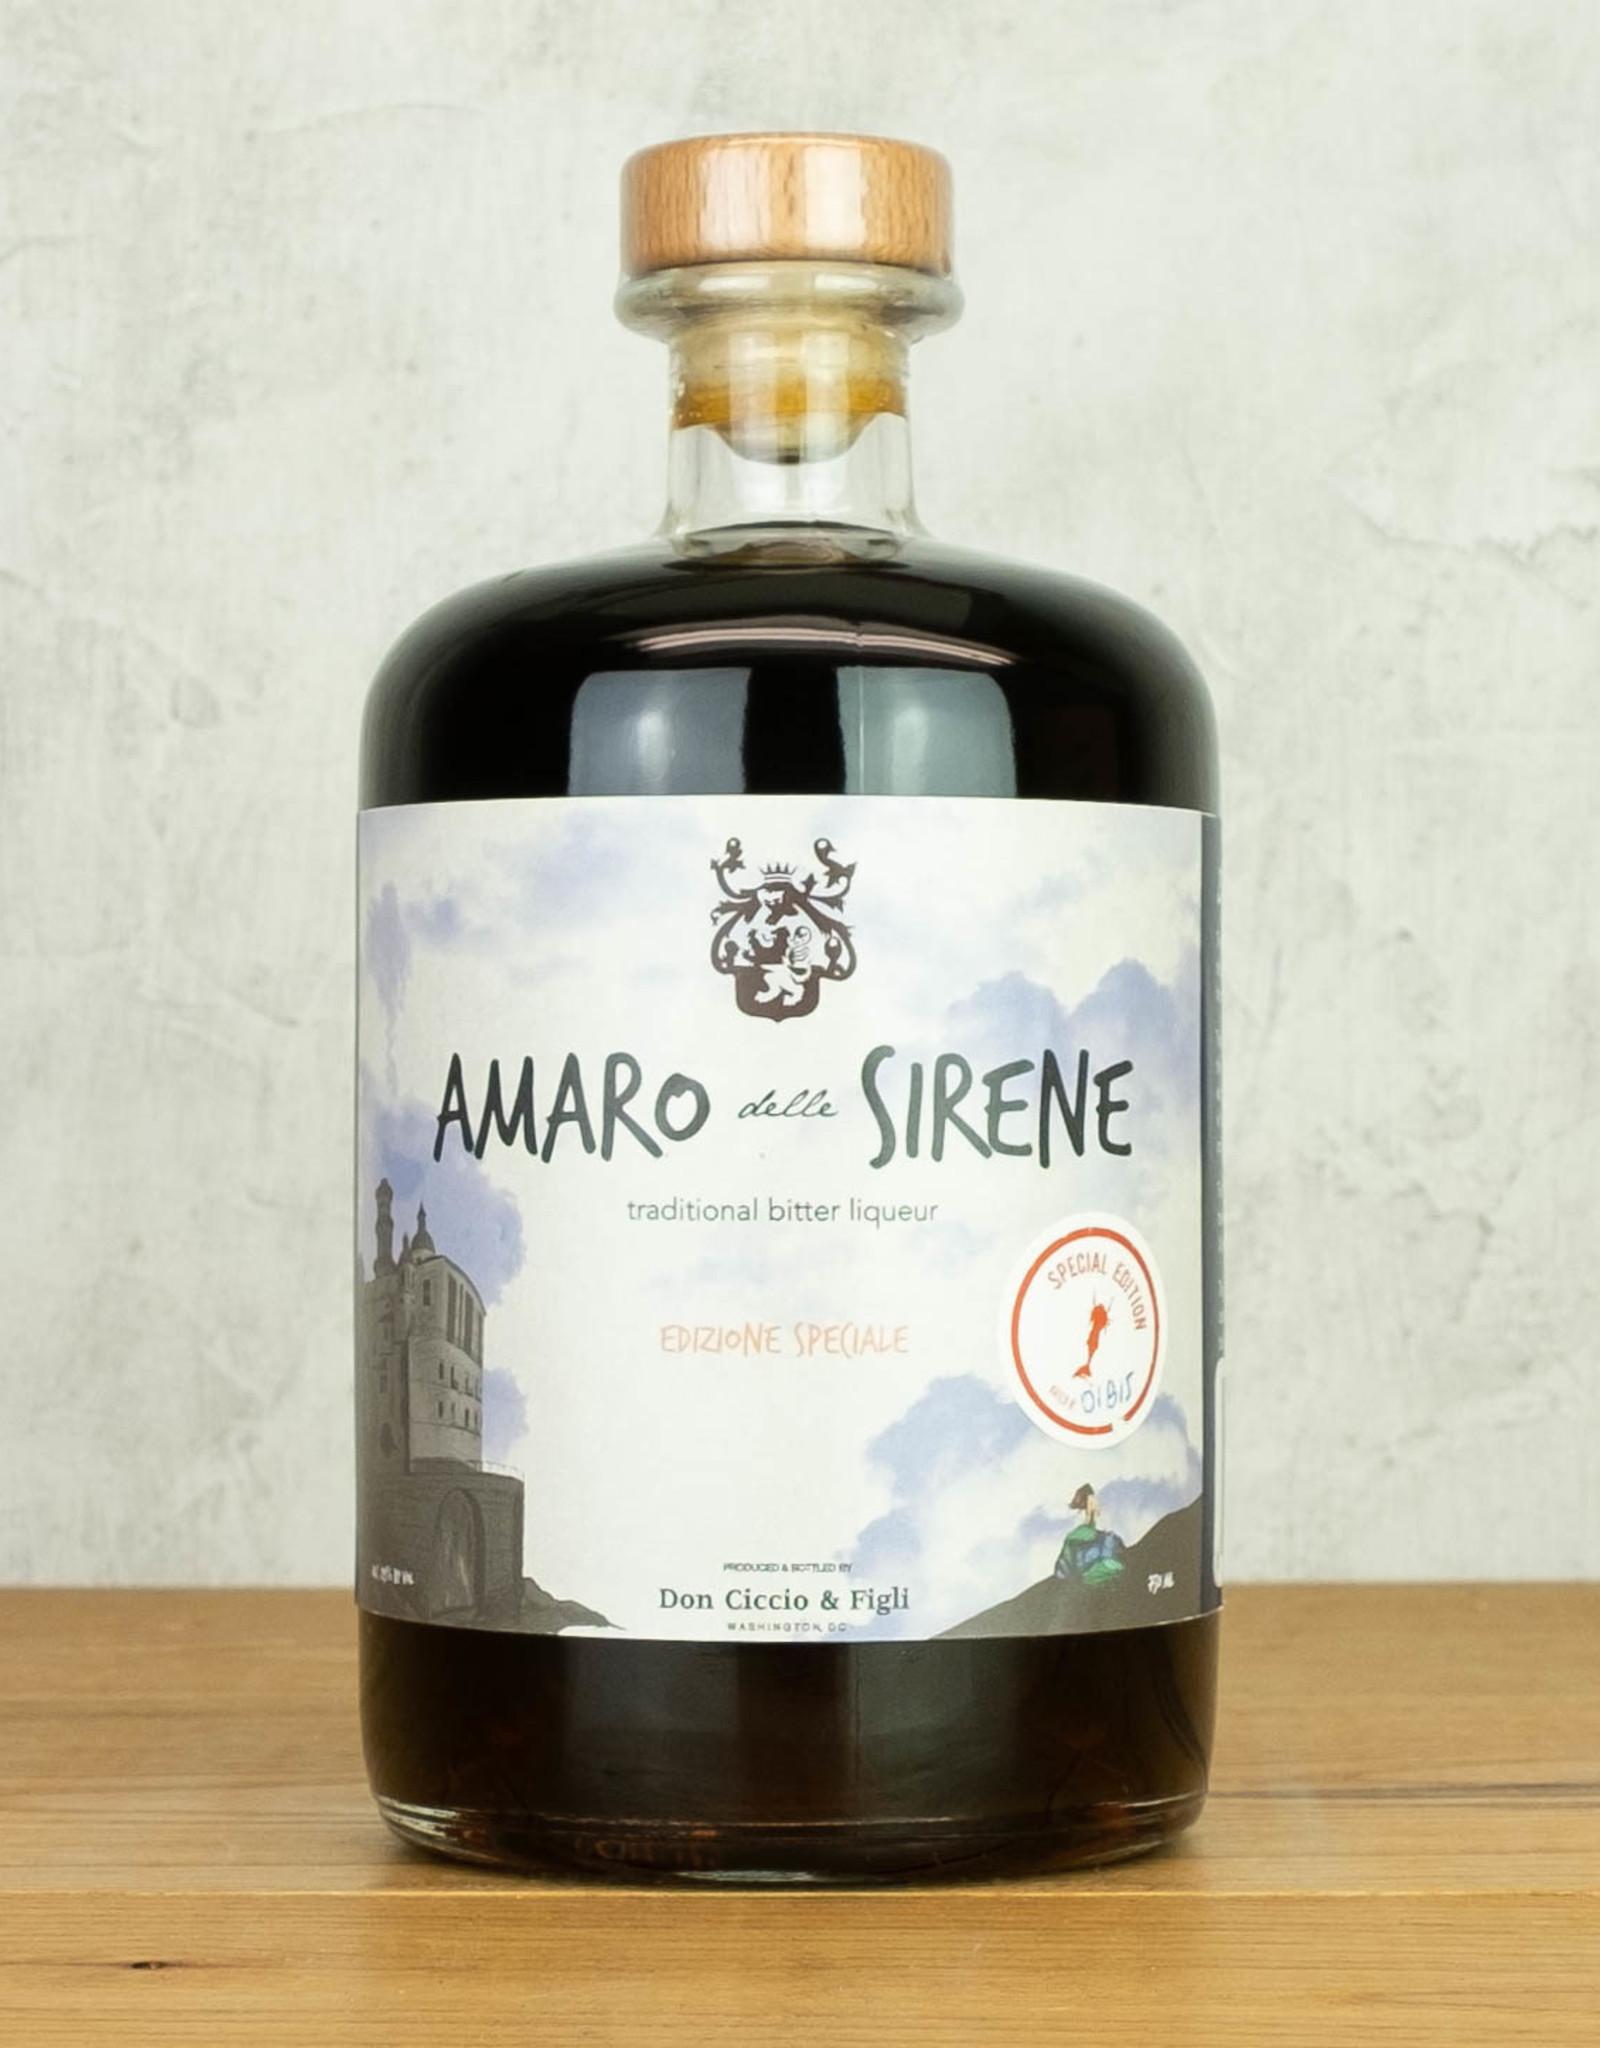 Don Ciccio & Figli Amaro Delle Sirene